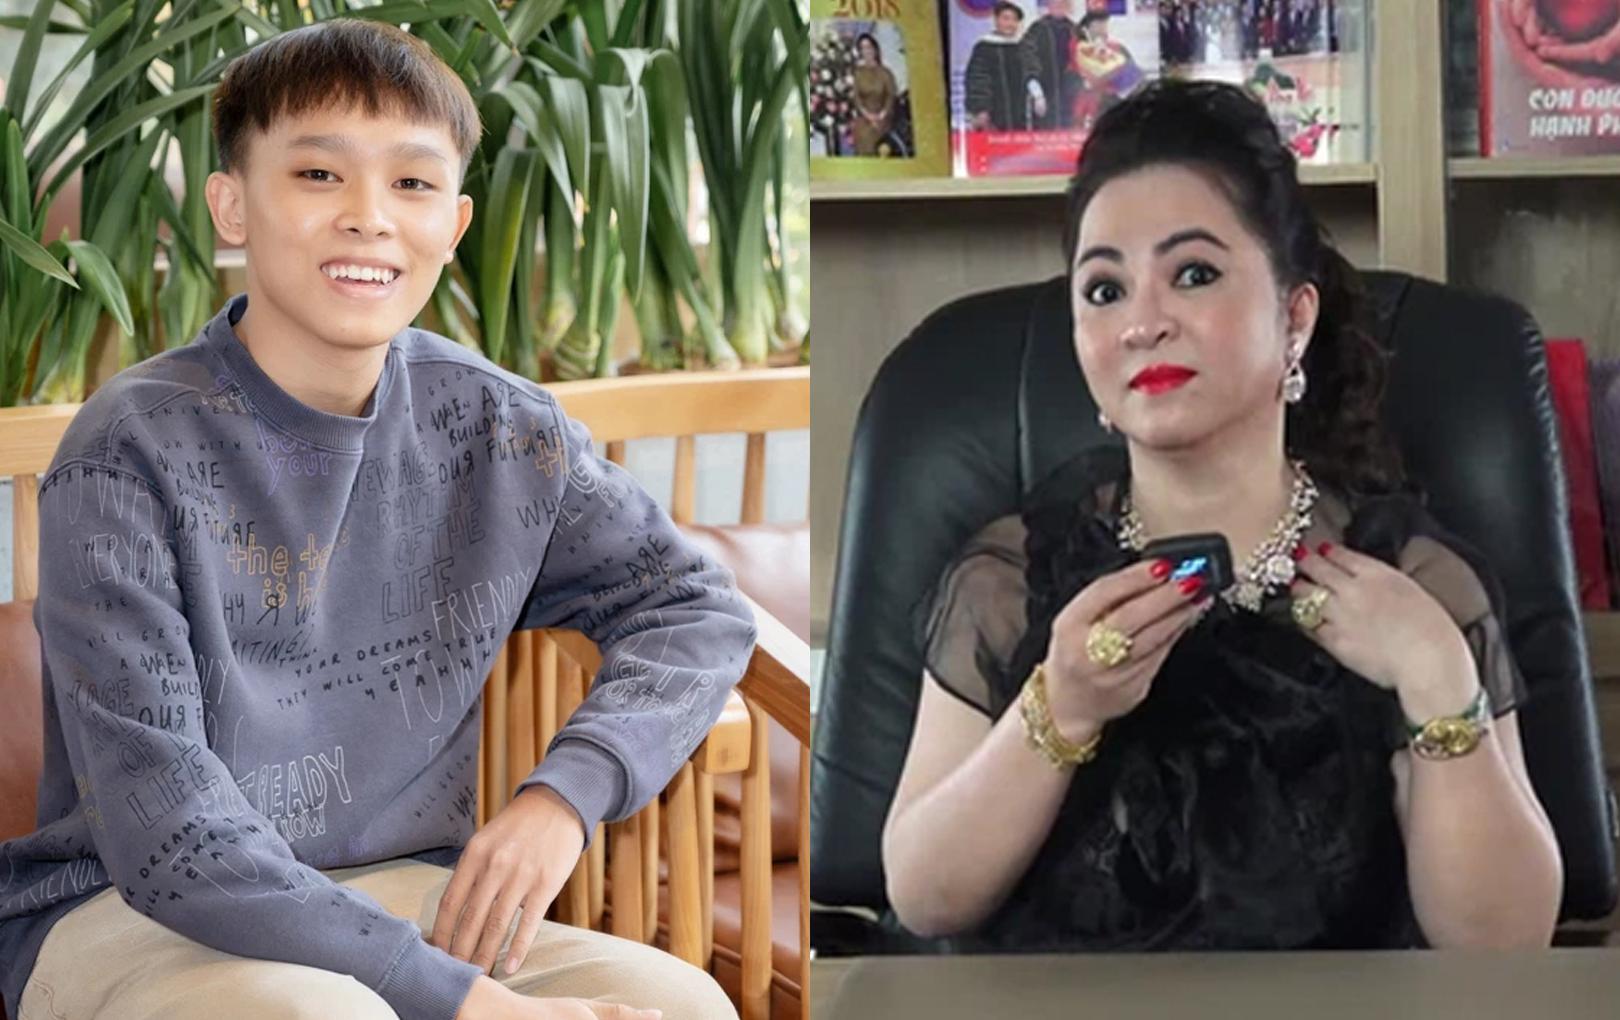 Hồ Văn Cường vừa nhận 500 triệu 'hỗ trợ' từ phía ca sĩ Phi Nhung, nữ streamer 50 tuổi liền có động thái mới: 'Lại một giấc mơ...'